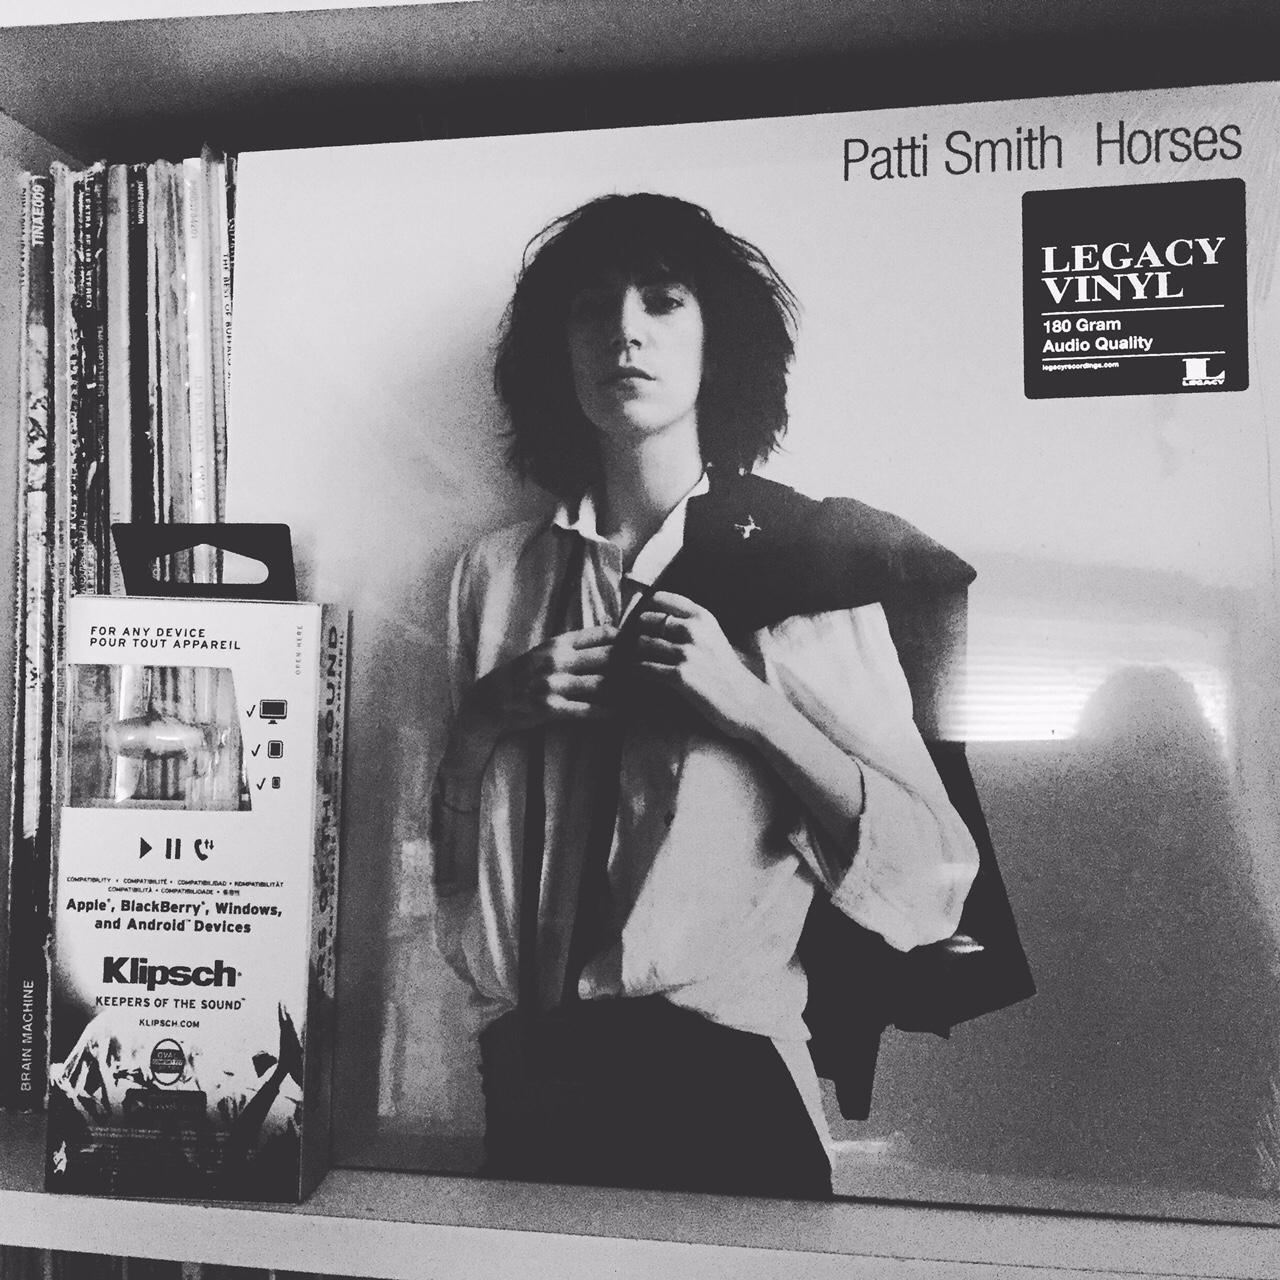 Patti Smith Horses Competition Classic Album Sundays